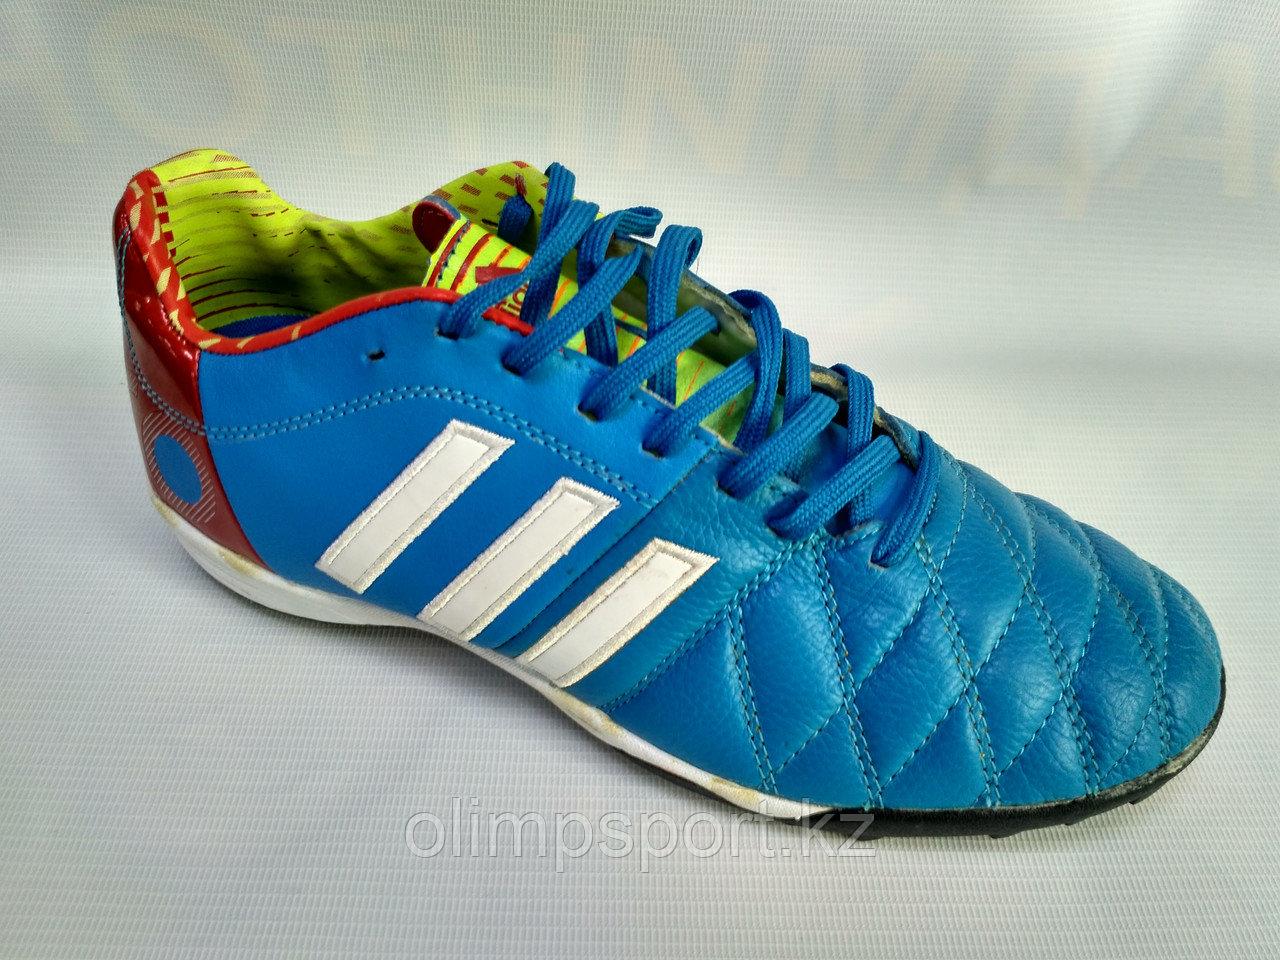 Обувь для футбола, шиповки, сороконожки  Adidas 11 pro